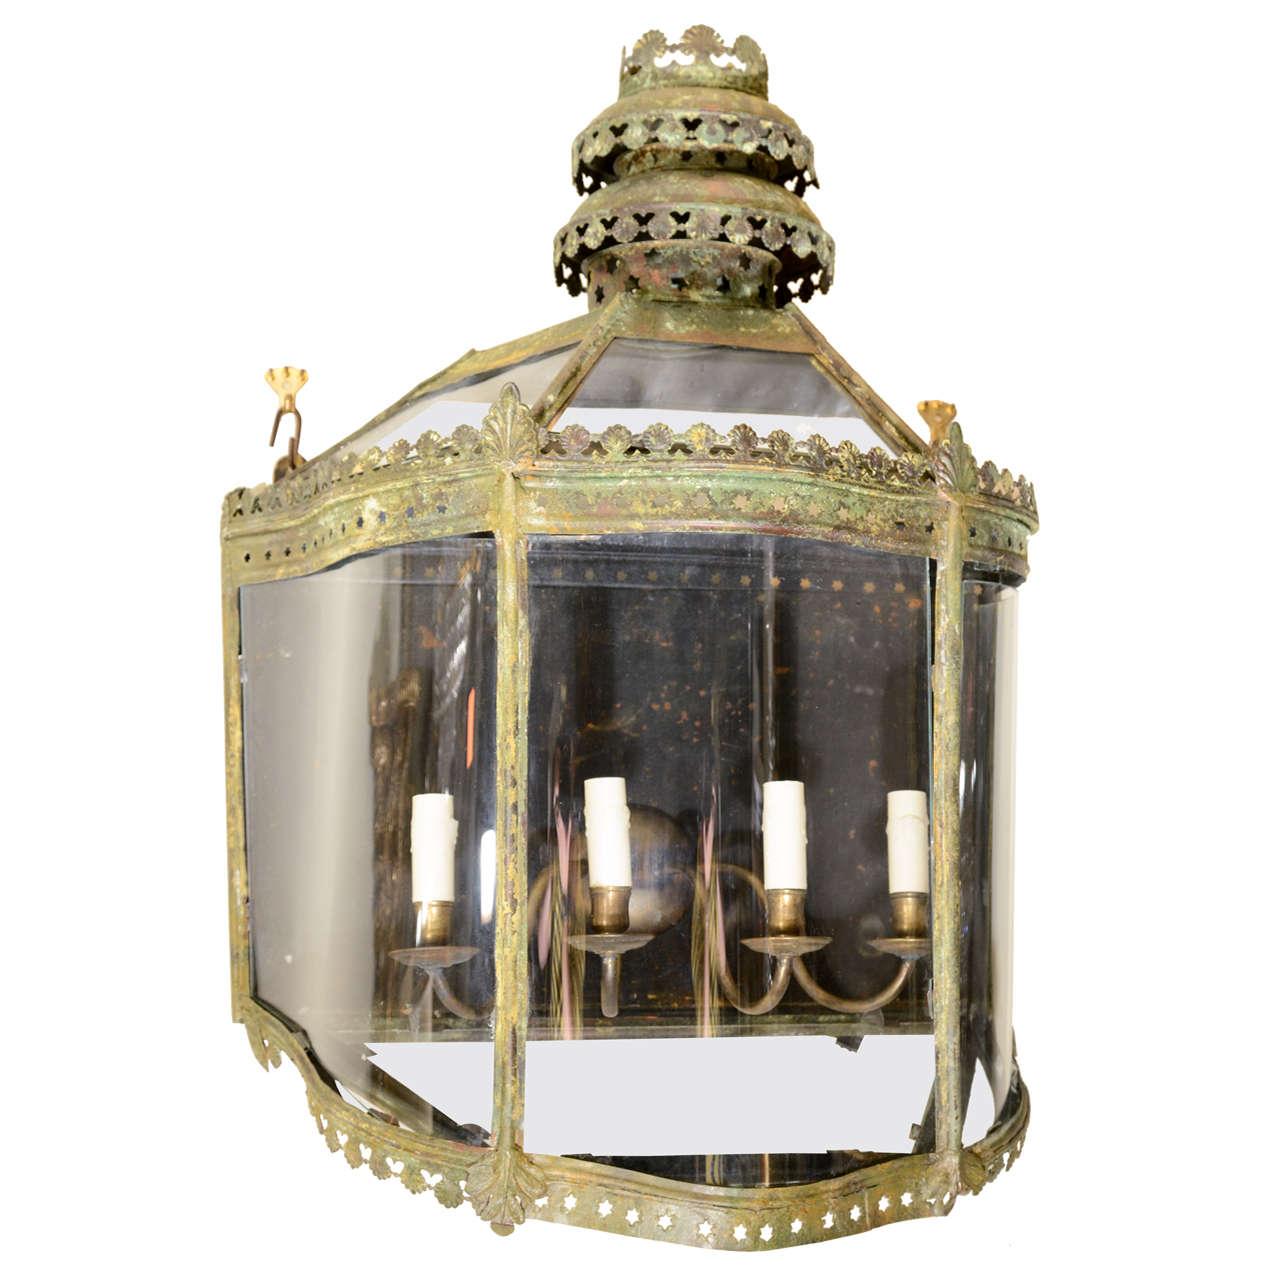 Unusual English Copper Wall Lantern